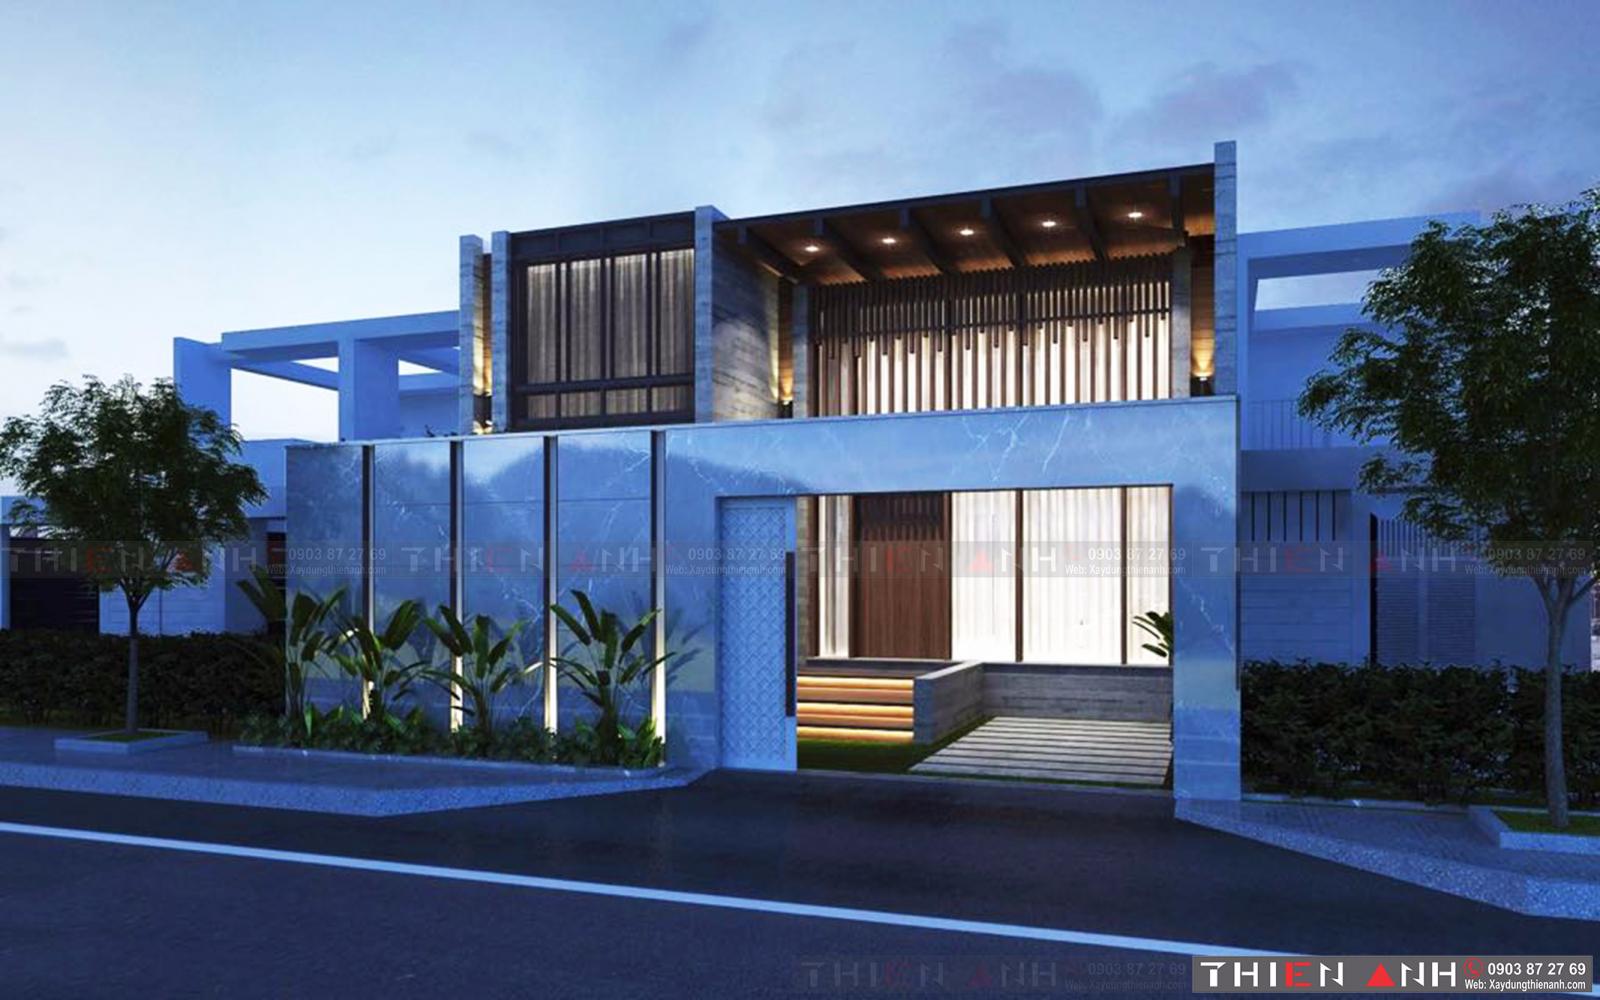 Mẫu thiết kế nhà Bình Dương số 2 mang vẻ đẹp hiện đại